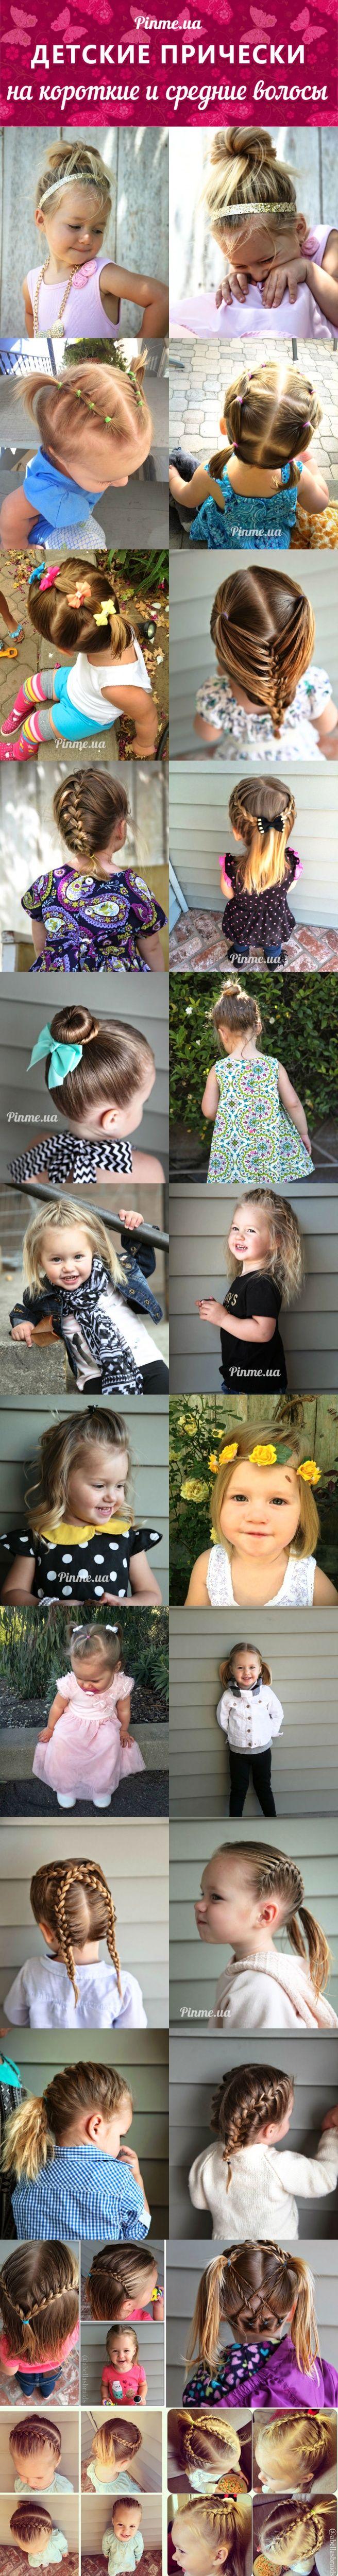 Детские прически для девочек на короткие и средние волосы (фото)